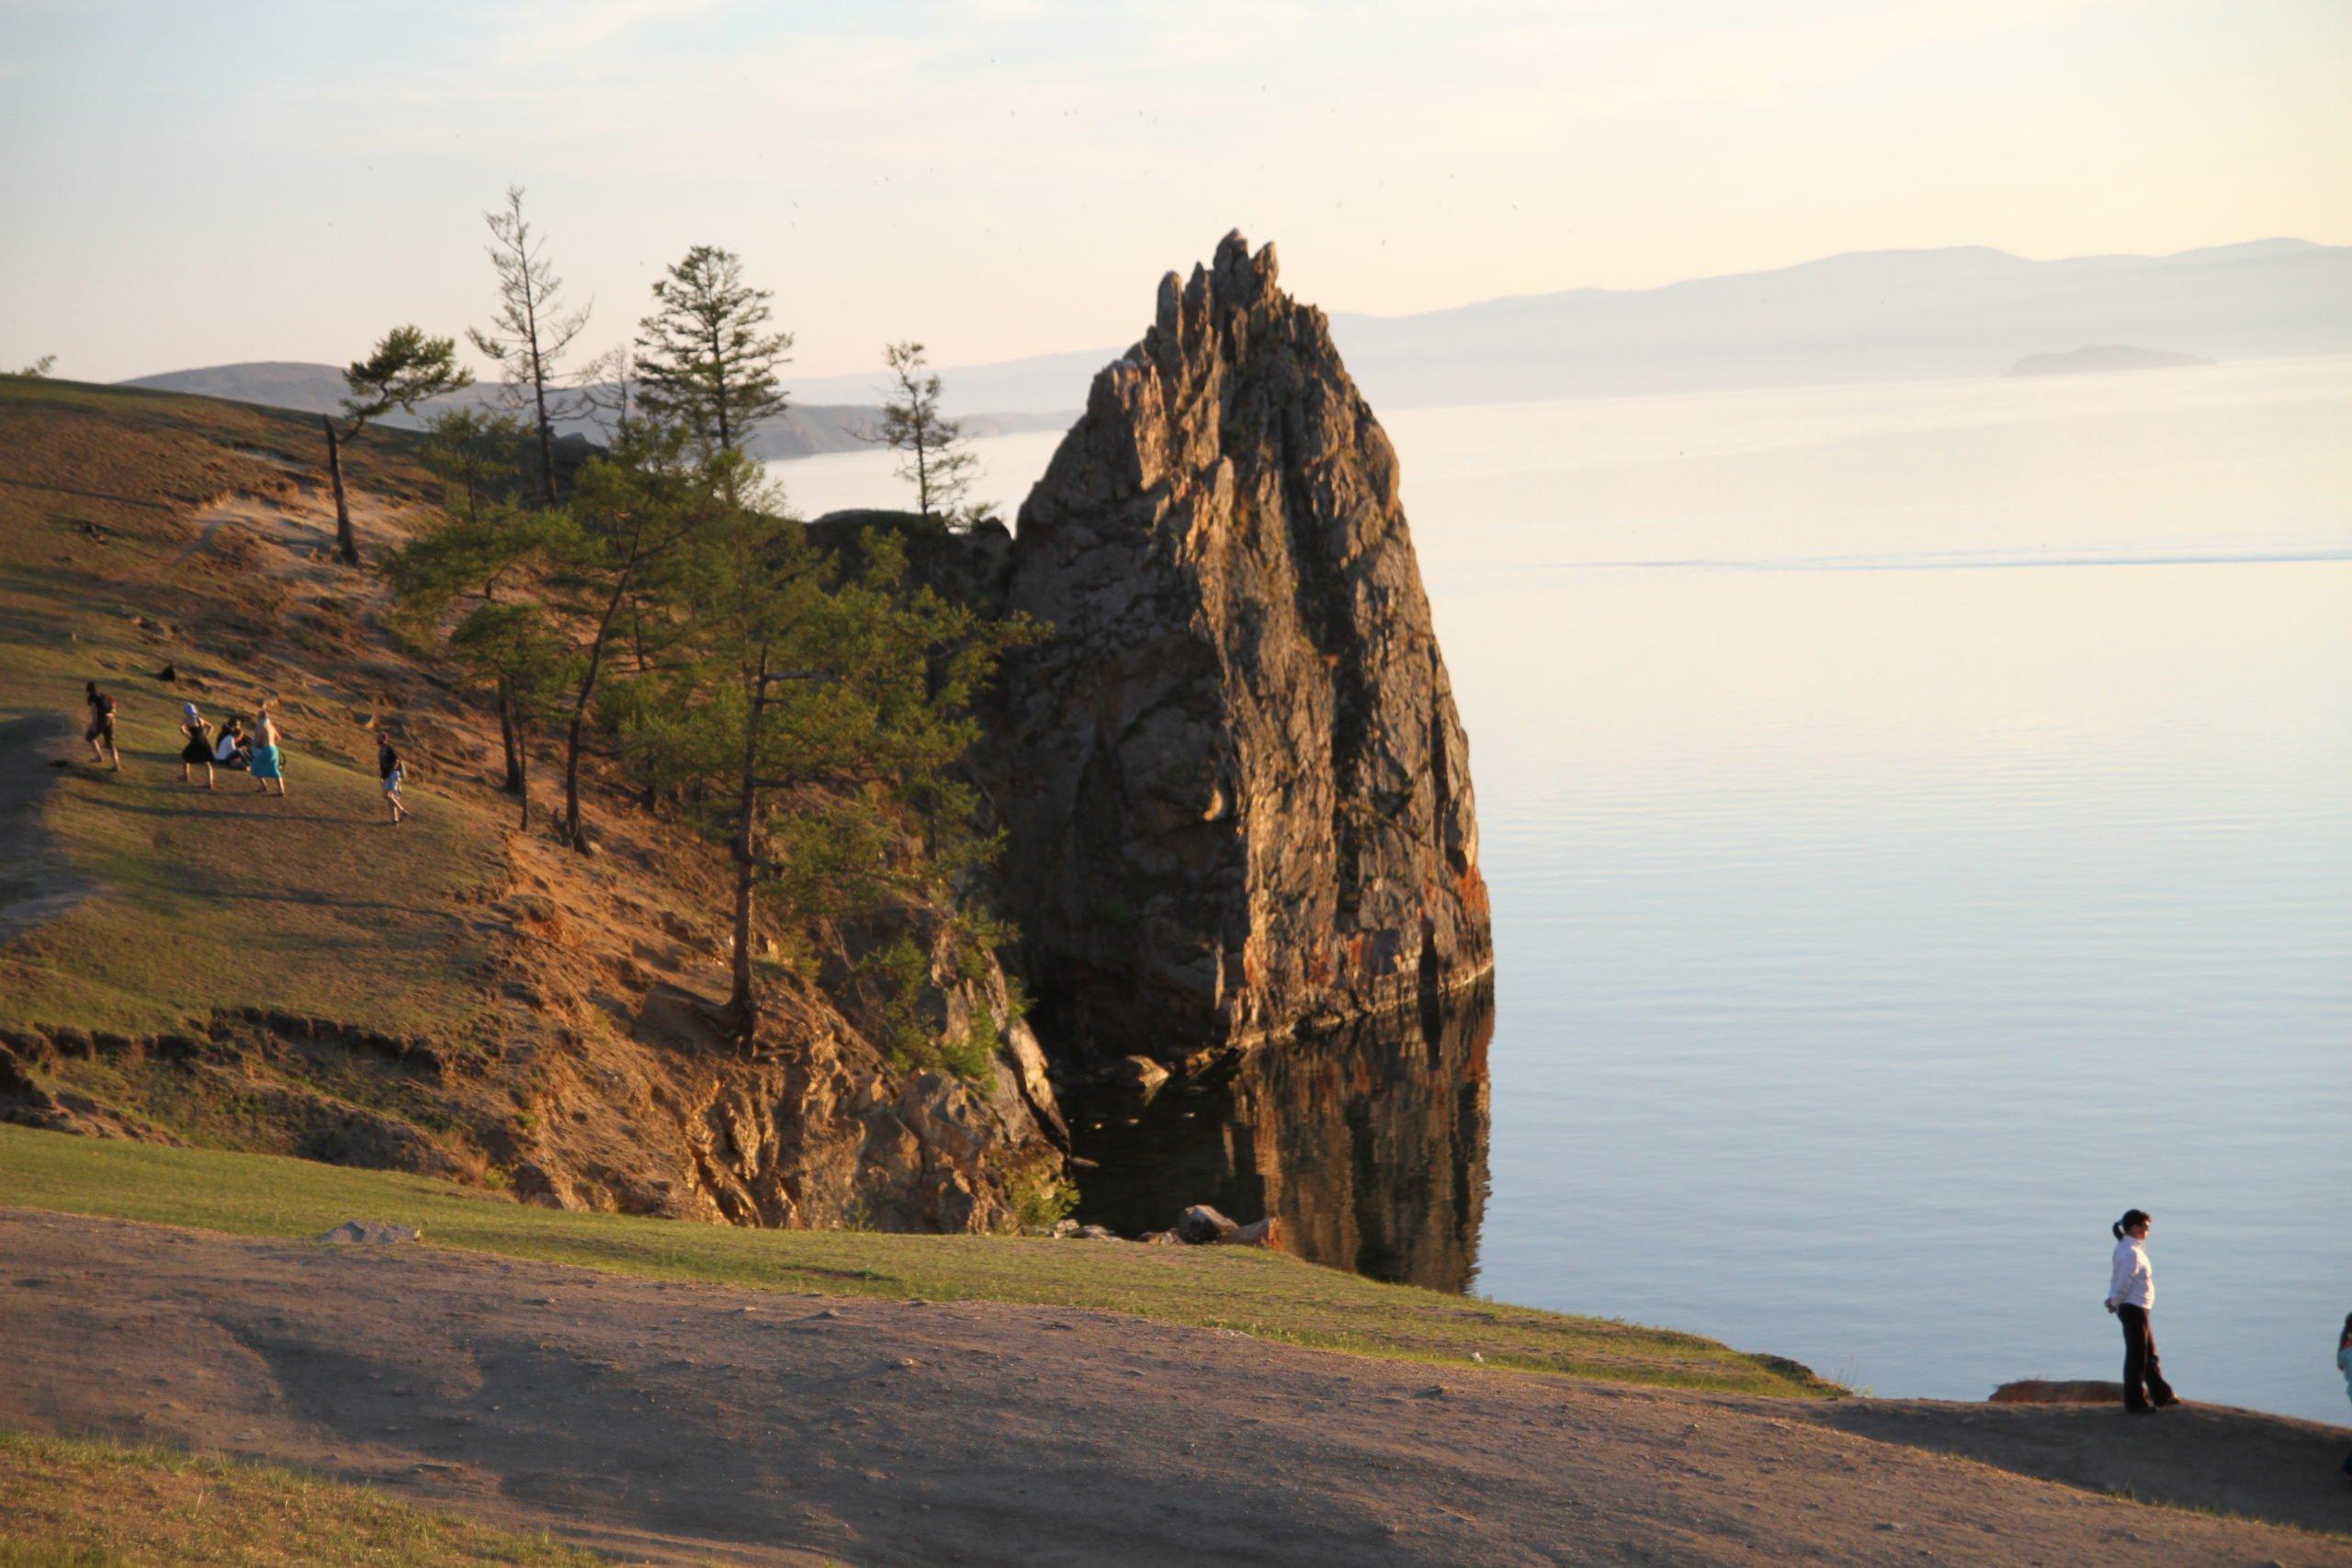 Putovanje Rusija - Bajkalsko jezero (5)